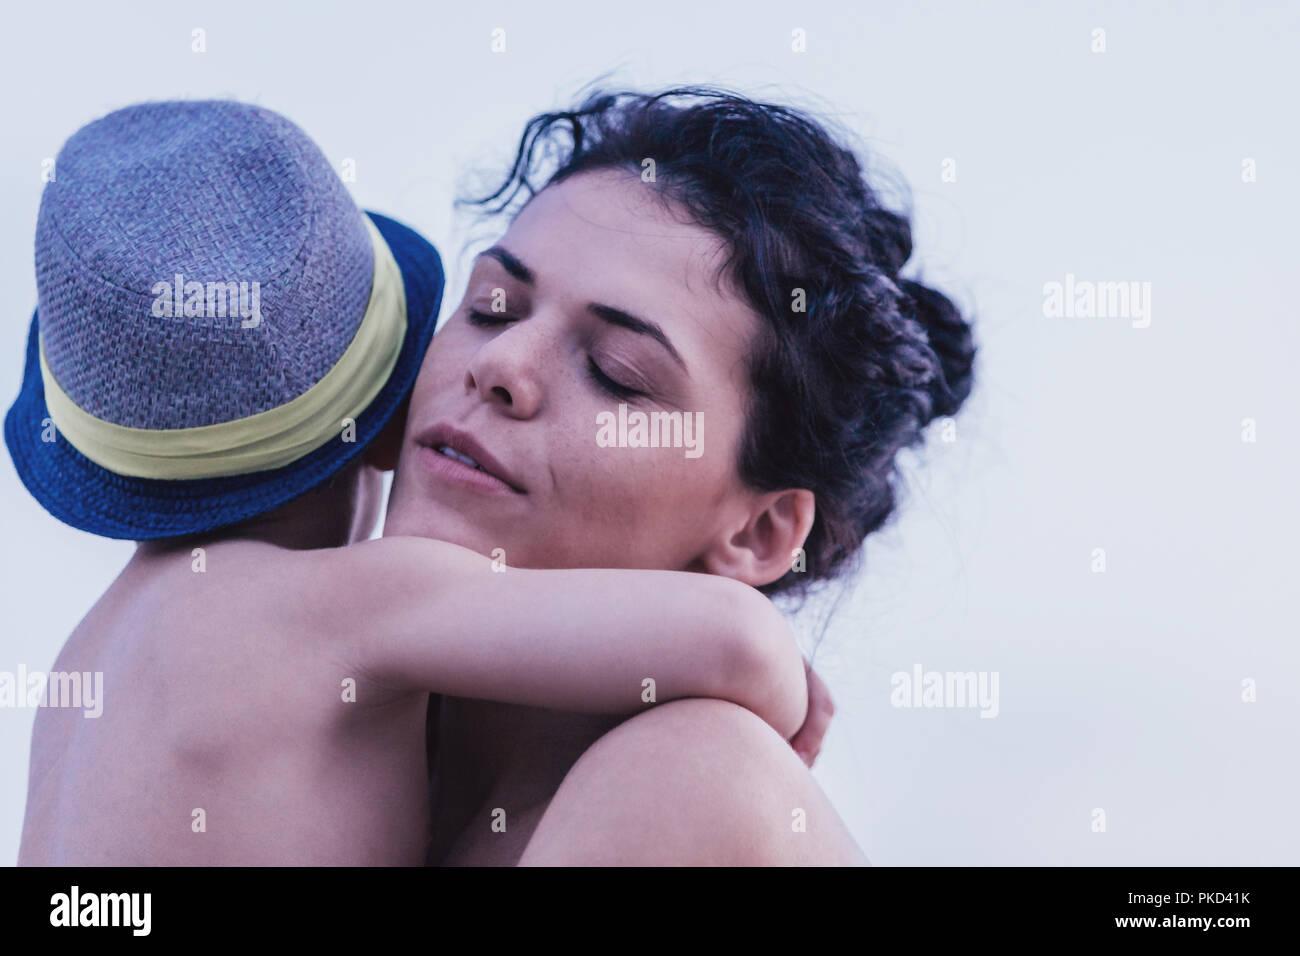 Felice madre con suo figlio godere la bella giornata di sole sulla spiaggia. La madre che abbraccia il suo figlio. Positive le emozioni umane, dei sentimenti di gioia. Famiglia felice Immagini Stock